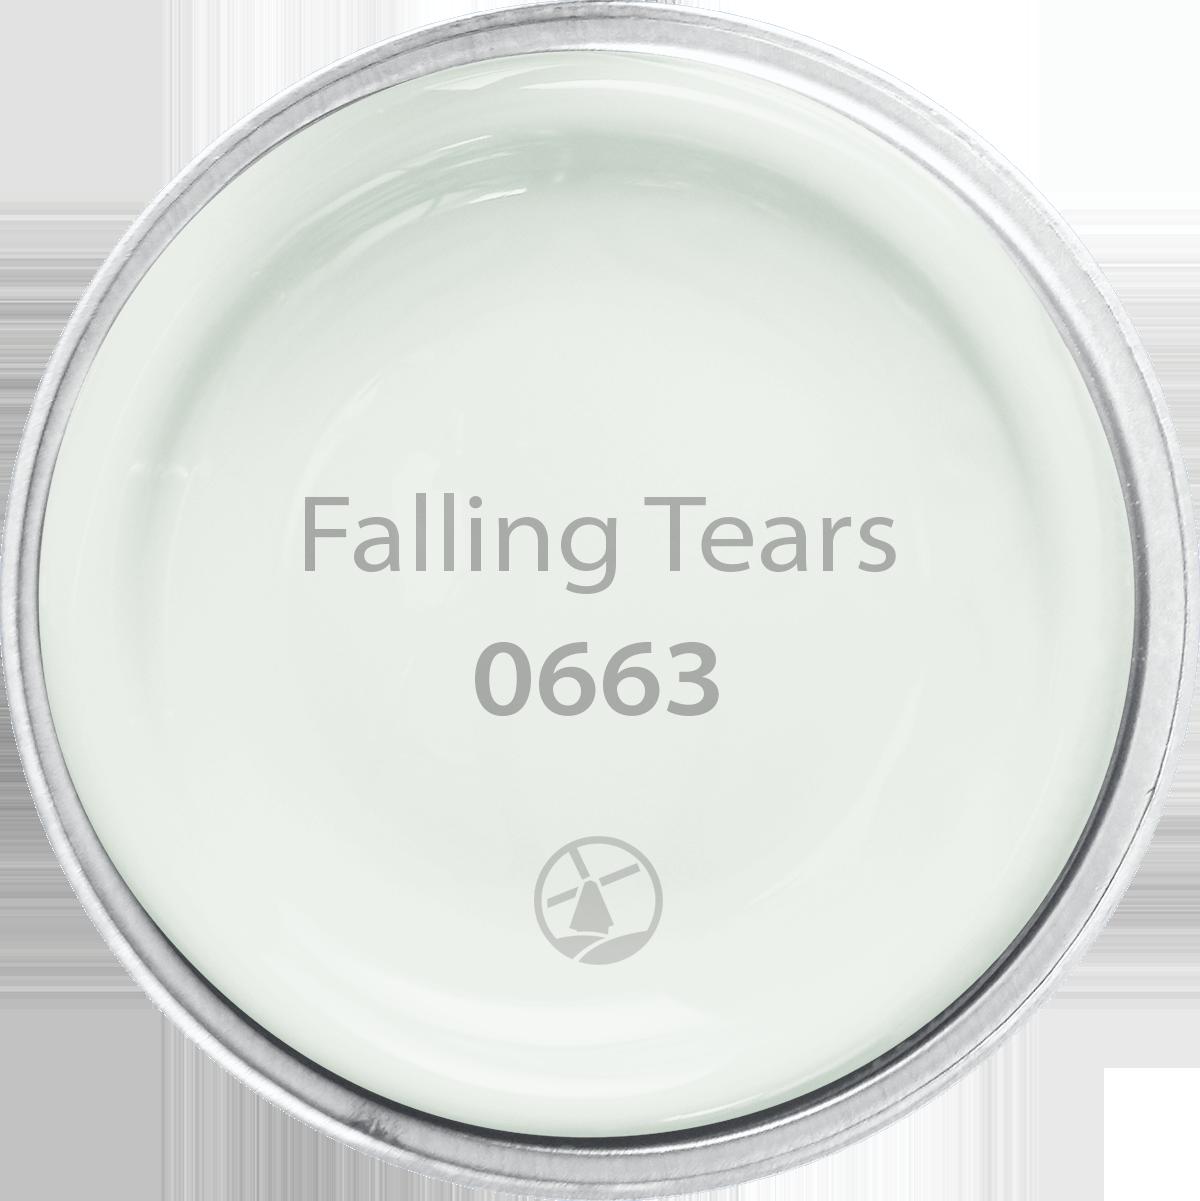 Falling Tears 0663 Diamond Vogel Paint Paint Colors For Home Favorite Paint Colors Paint Color Inspiration